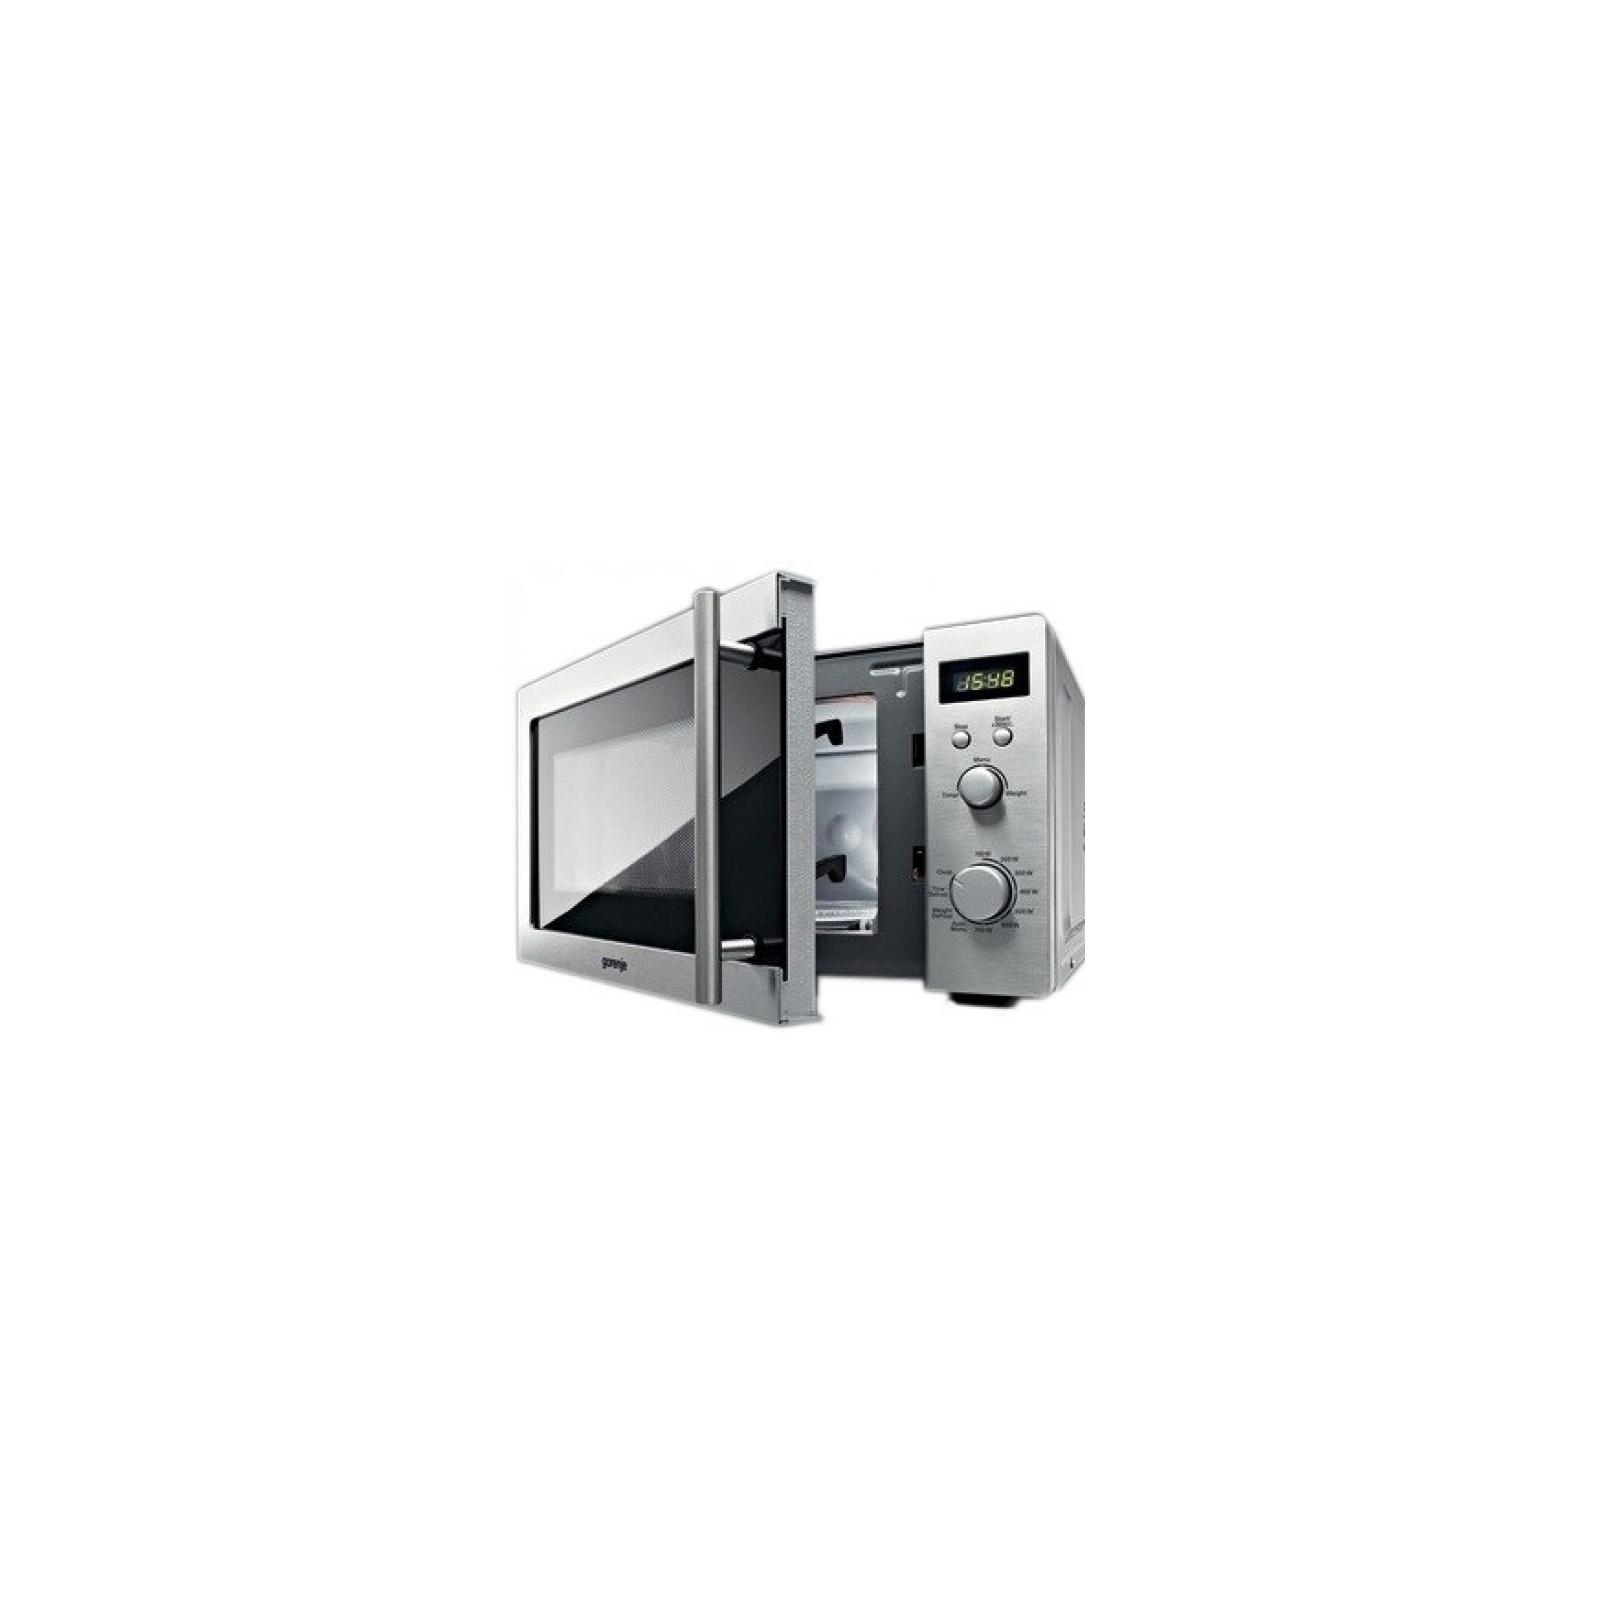 Микроволновая печь Gorenje MMO20DE изображение 3